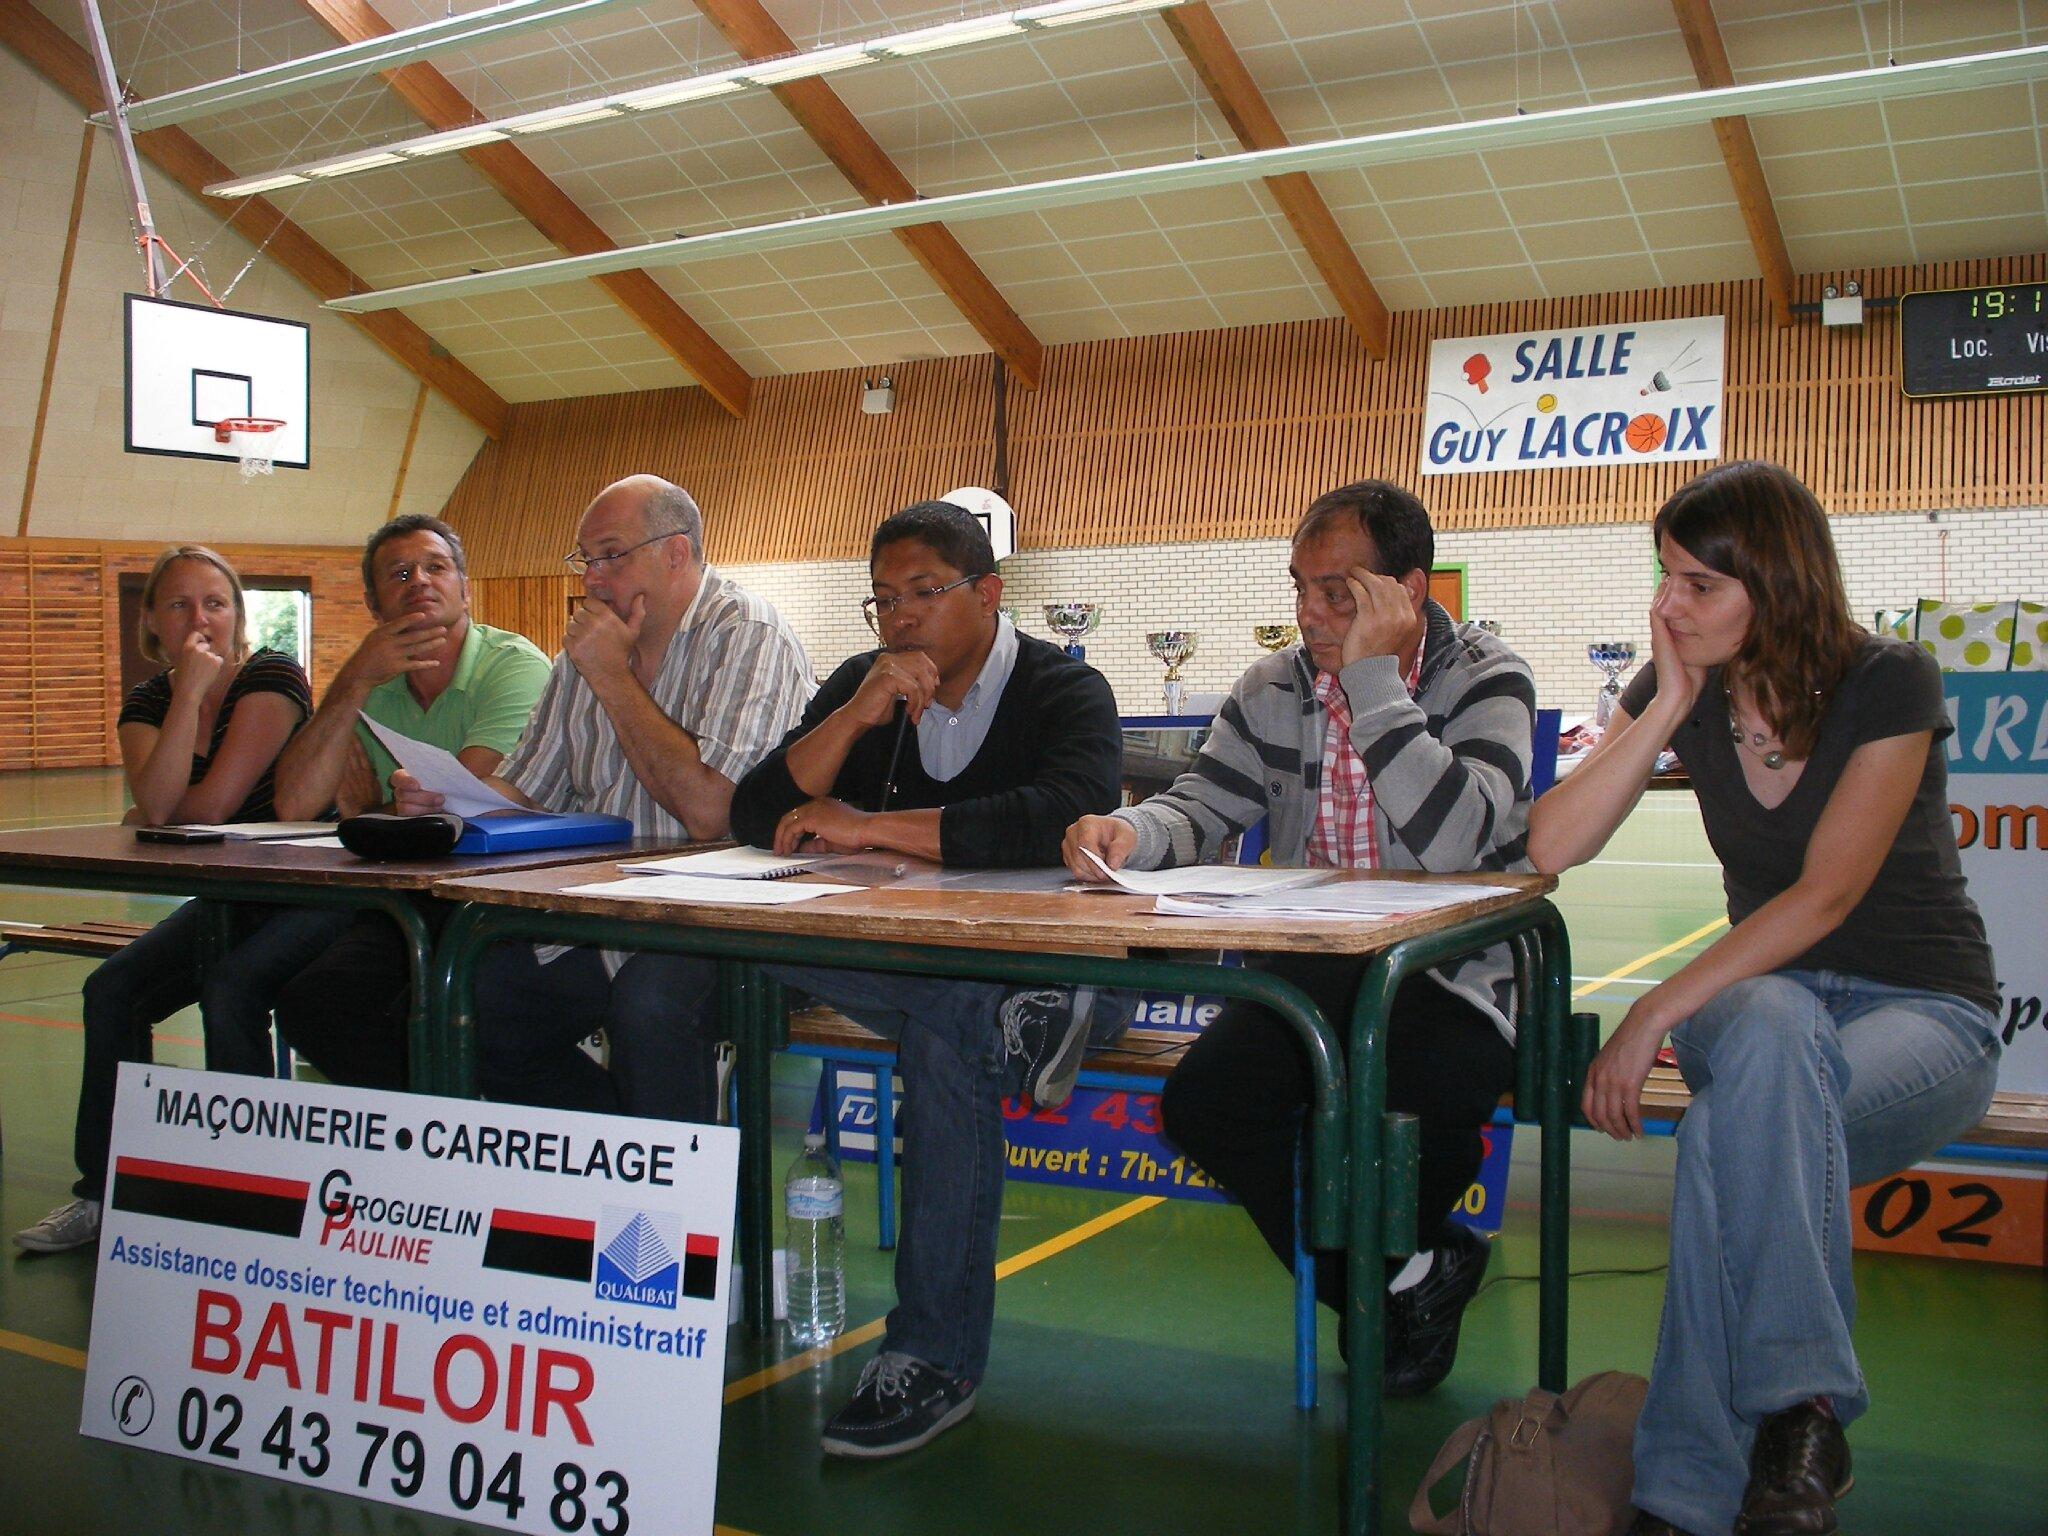 AG De LASCB La Chartre Sur Le Loir Basket Ball - A g carrelage 83